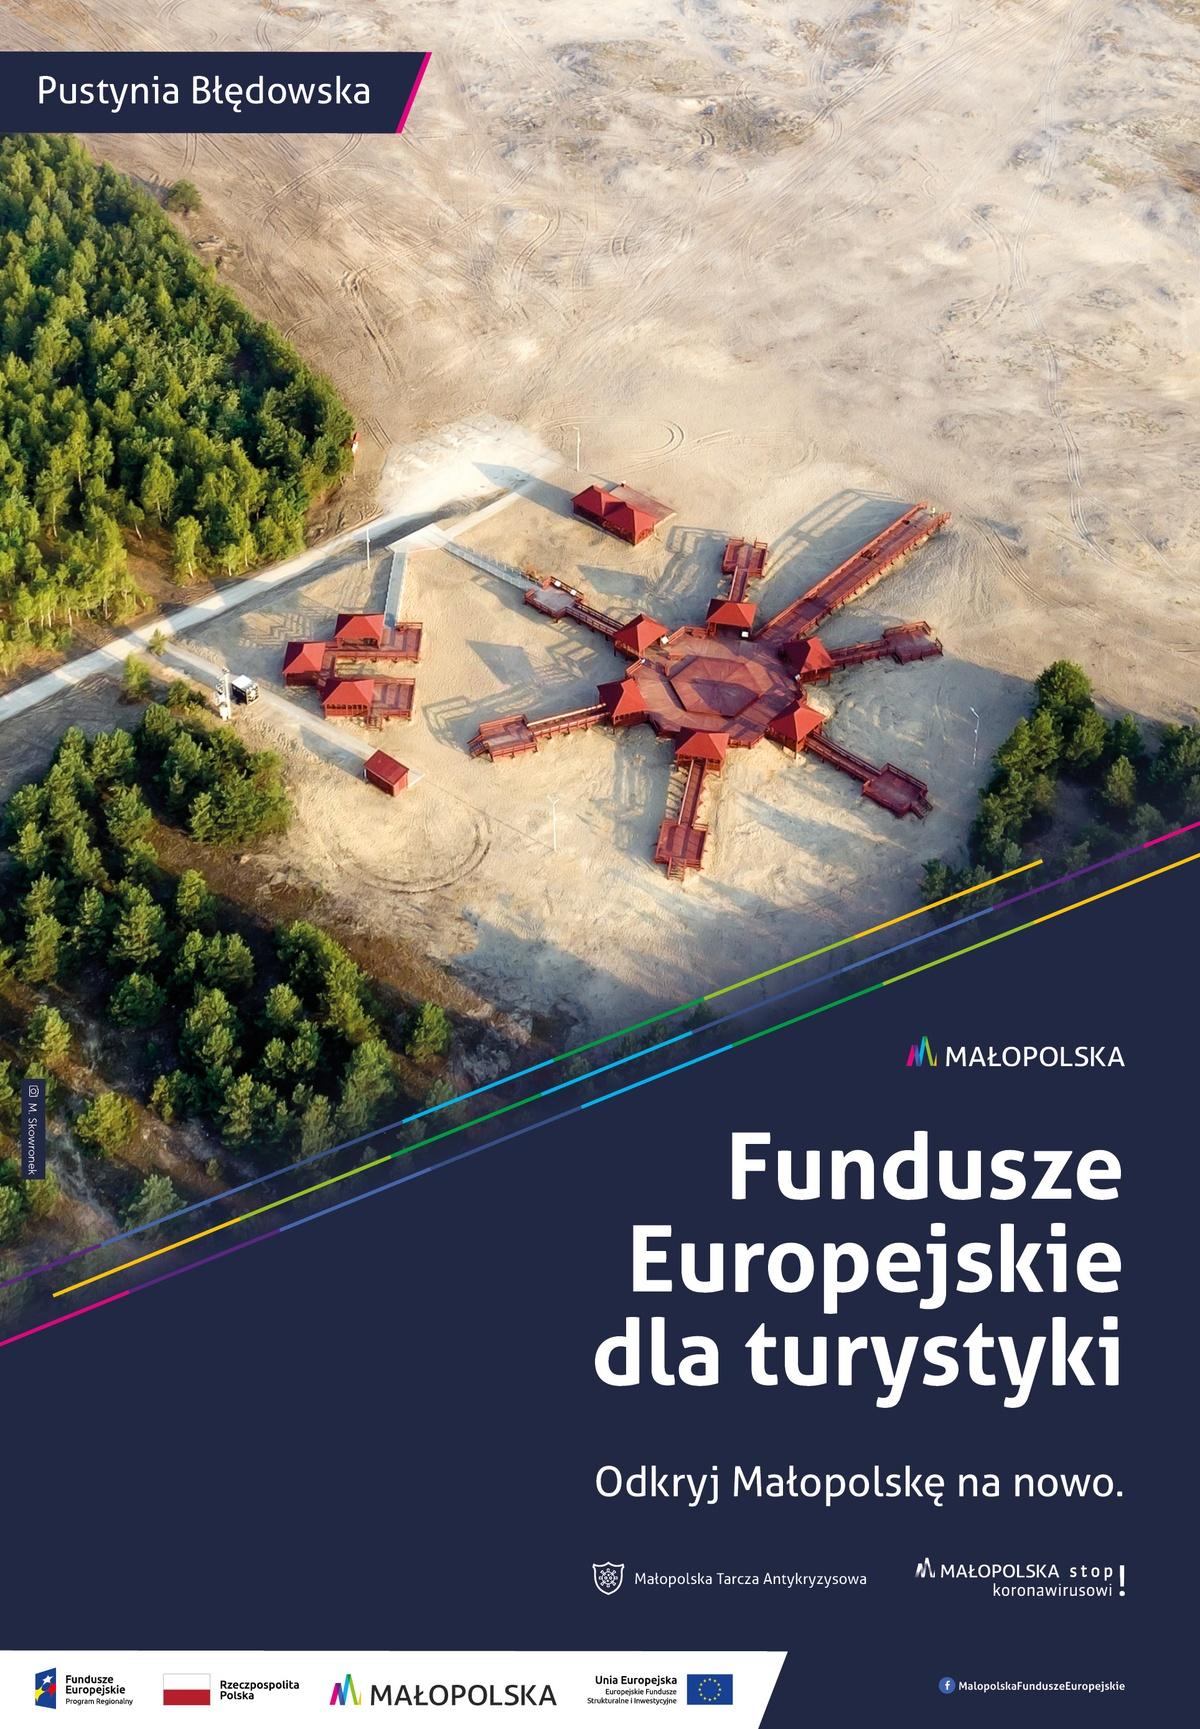 Plakat promujący Pustynię Błędowską